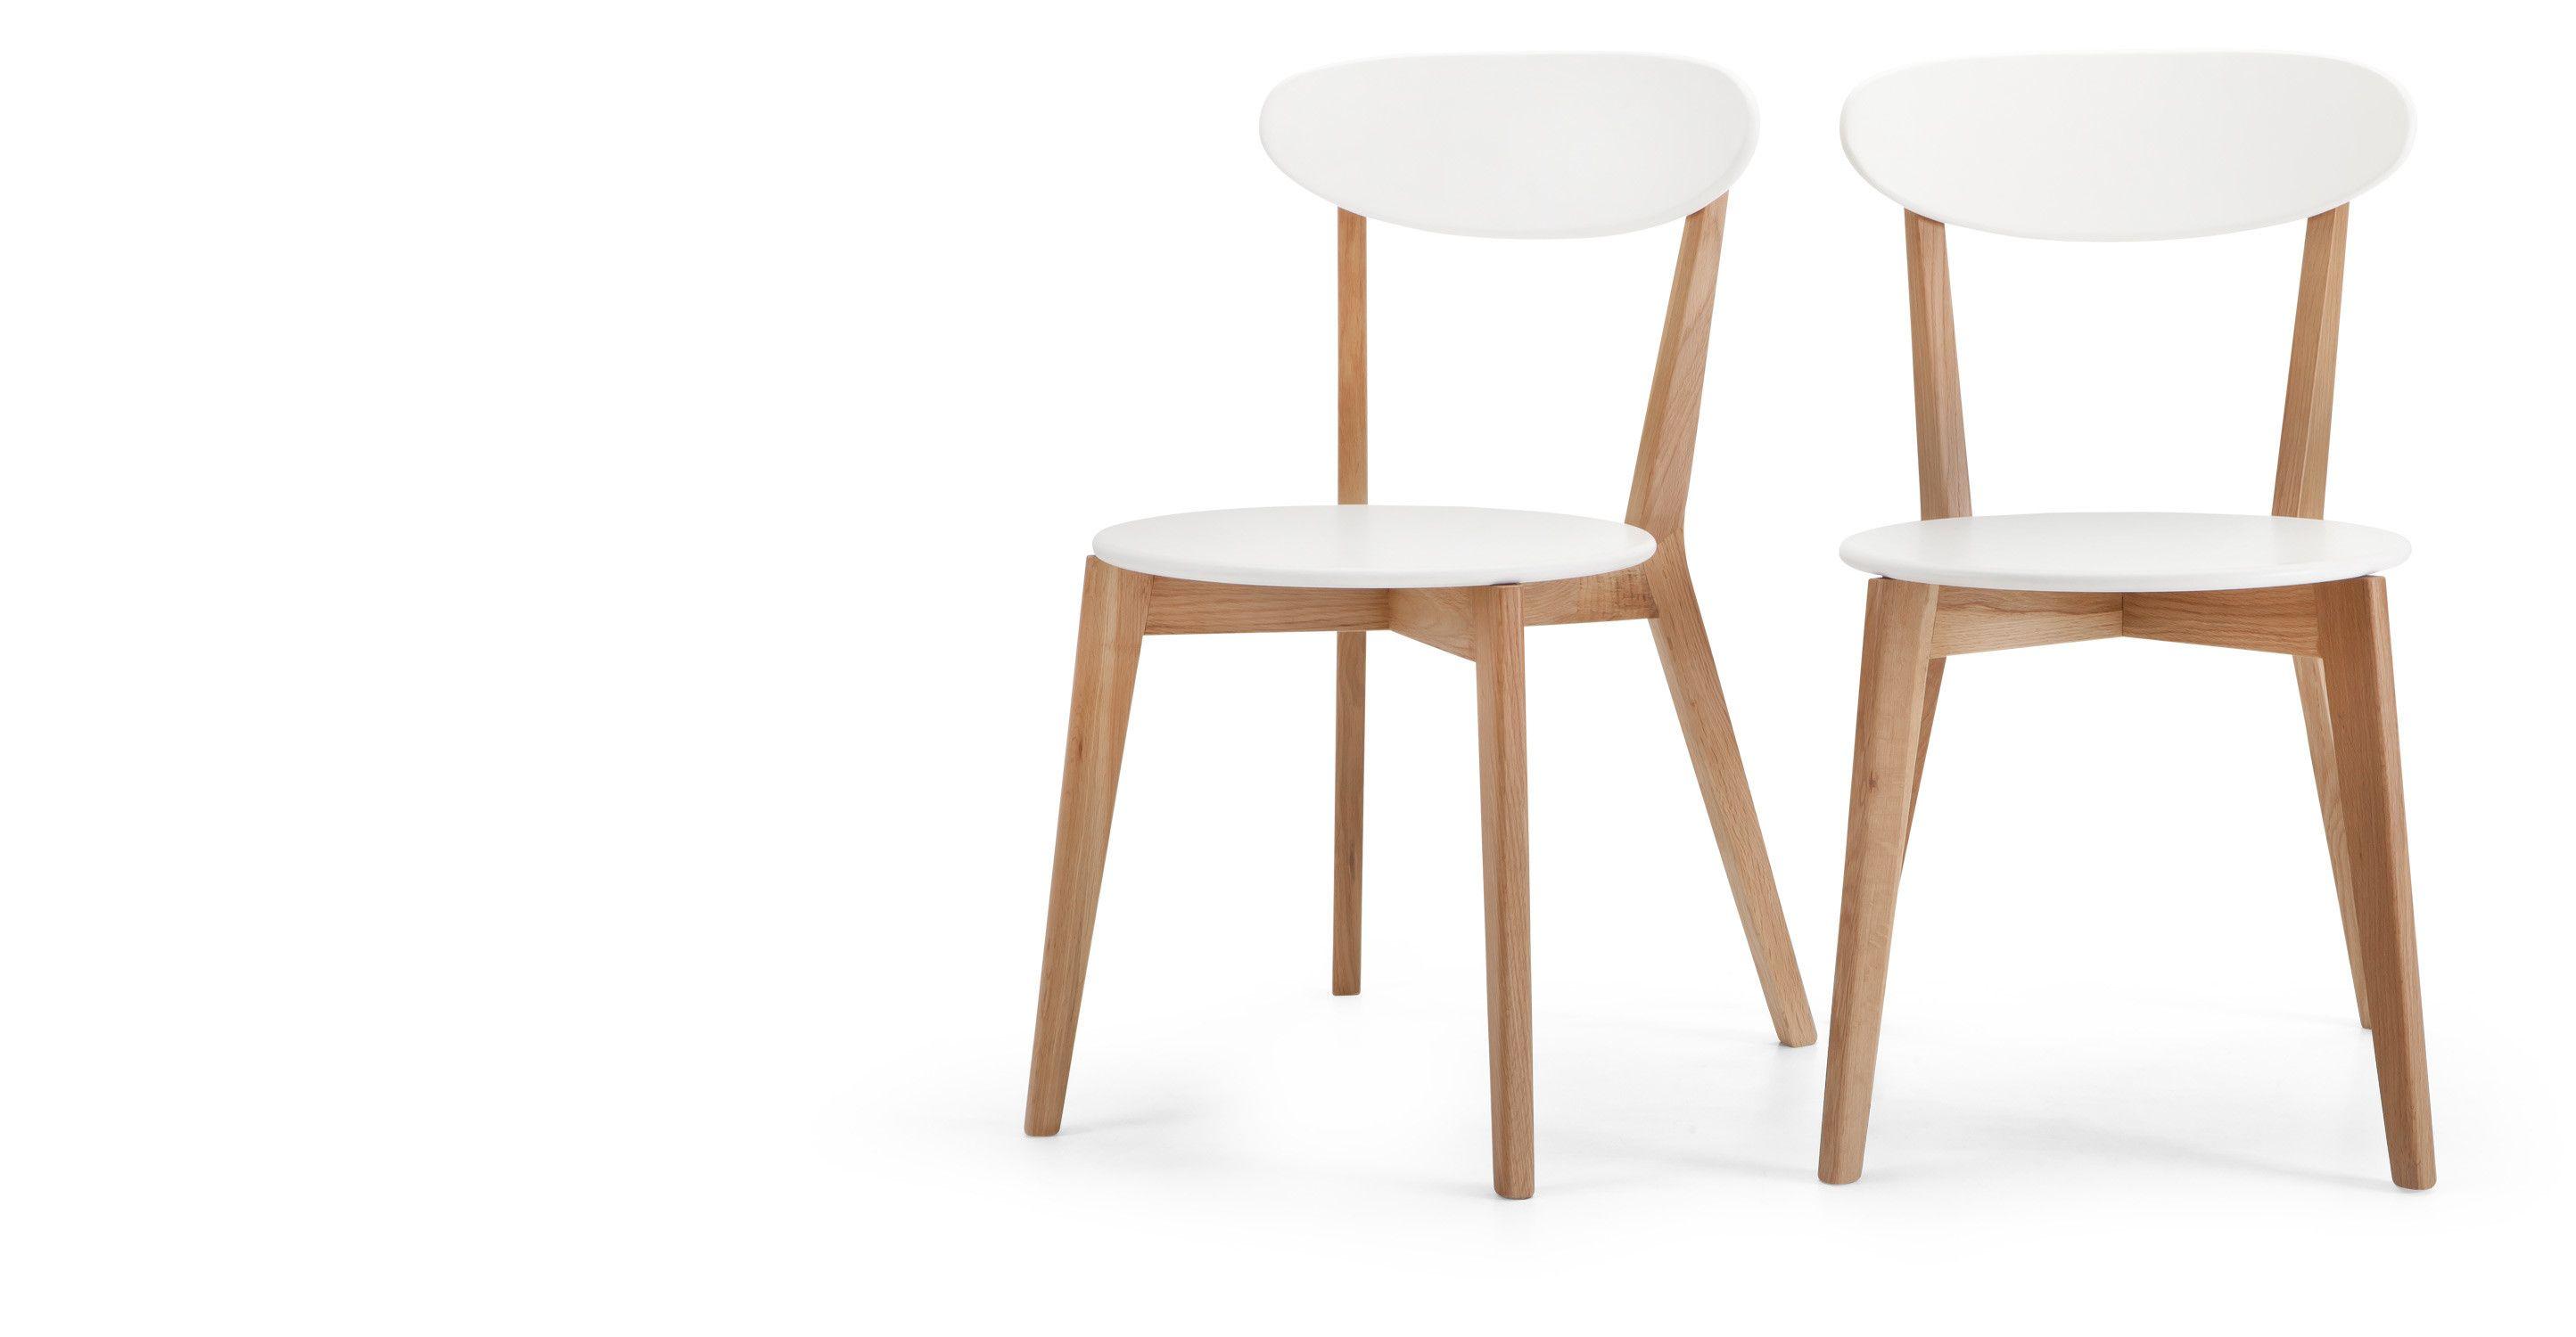 2 x Fjord Esszimmerstühle, Weiß und Eiche | Fjord, Eiche und Stuhl